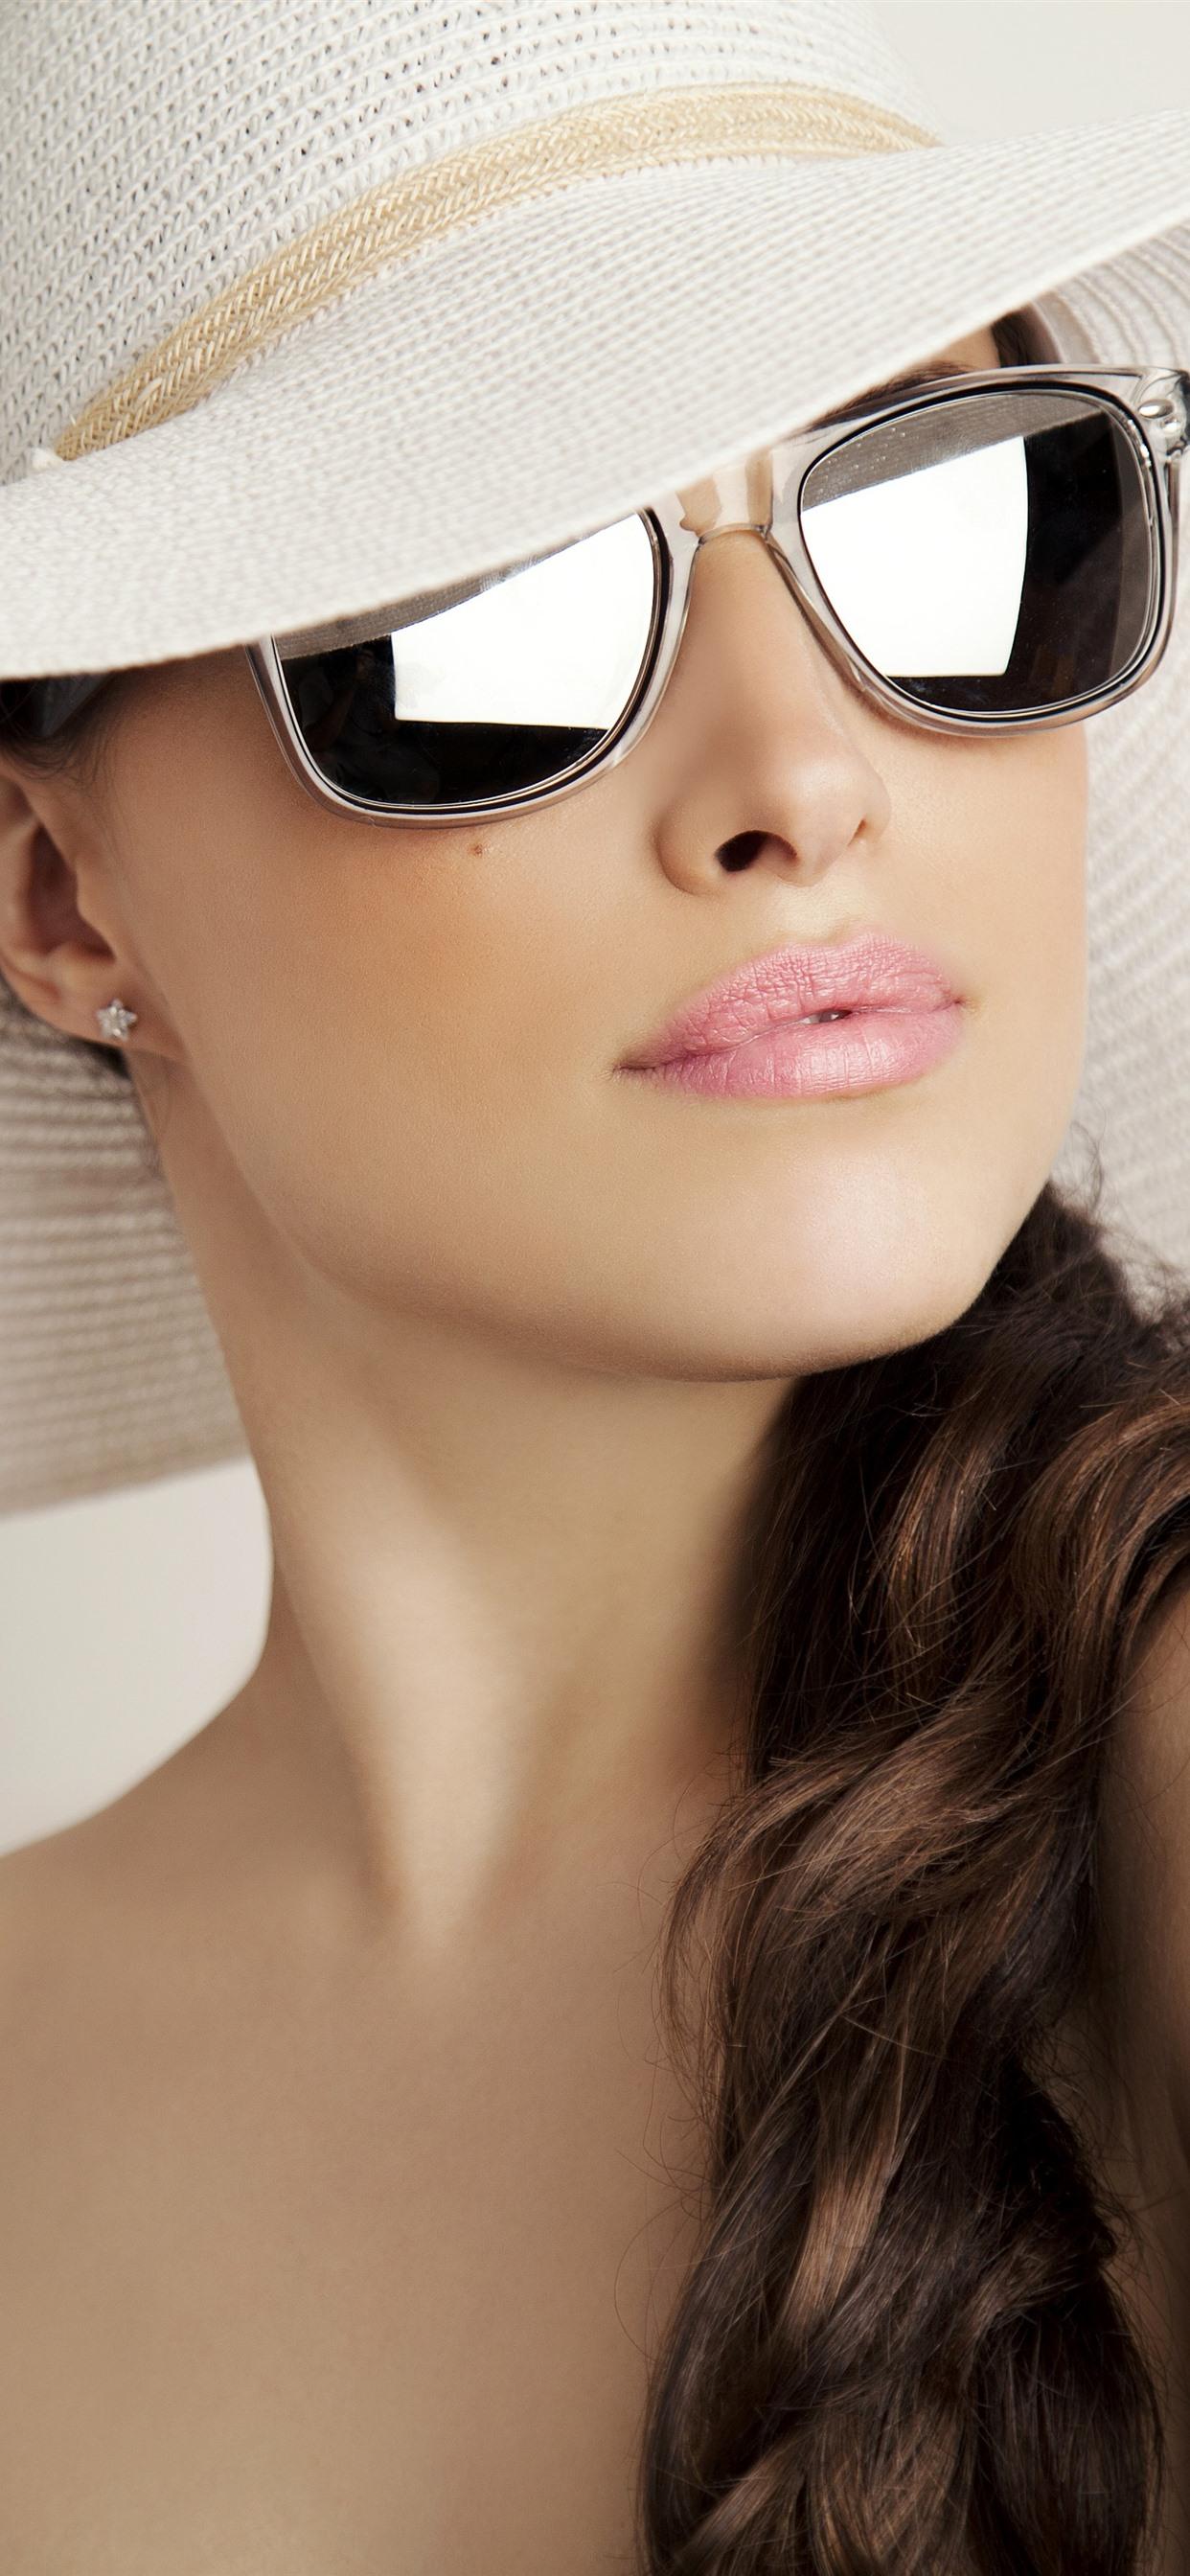 かっこいい髪の女の子 帽子 サングラス 1242x2688 Iphone 11 Pro Xs